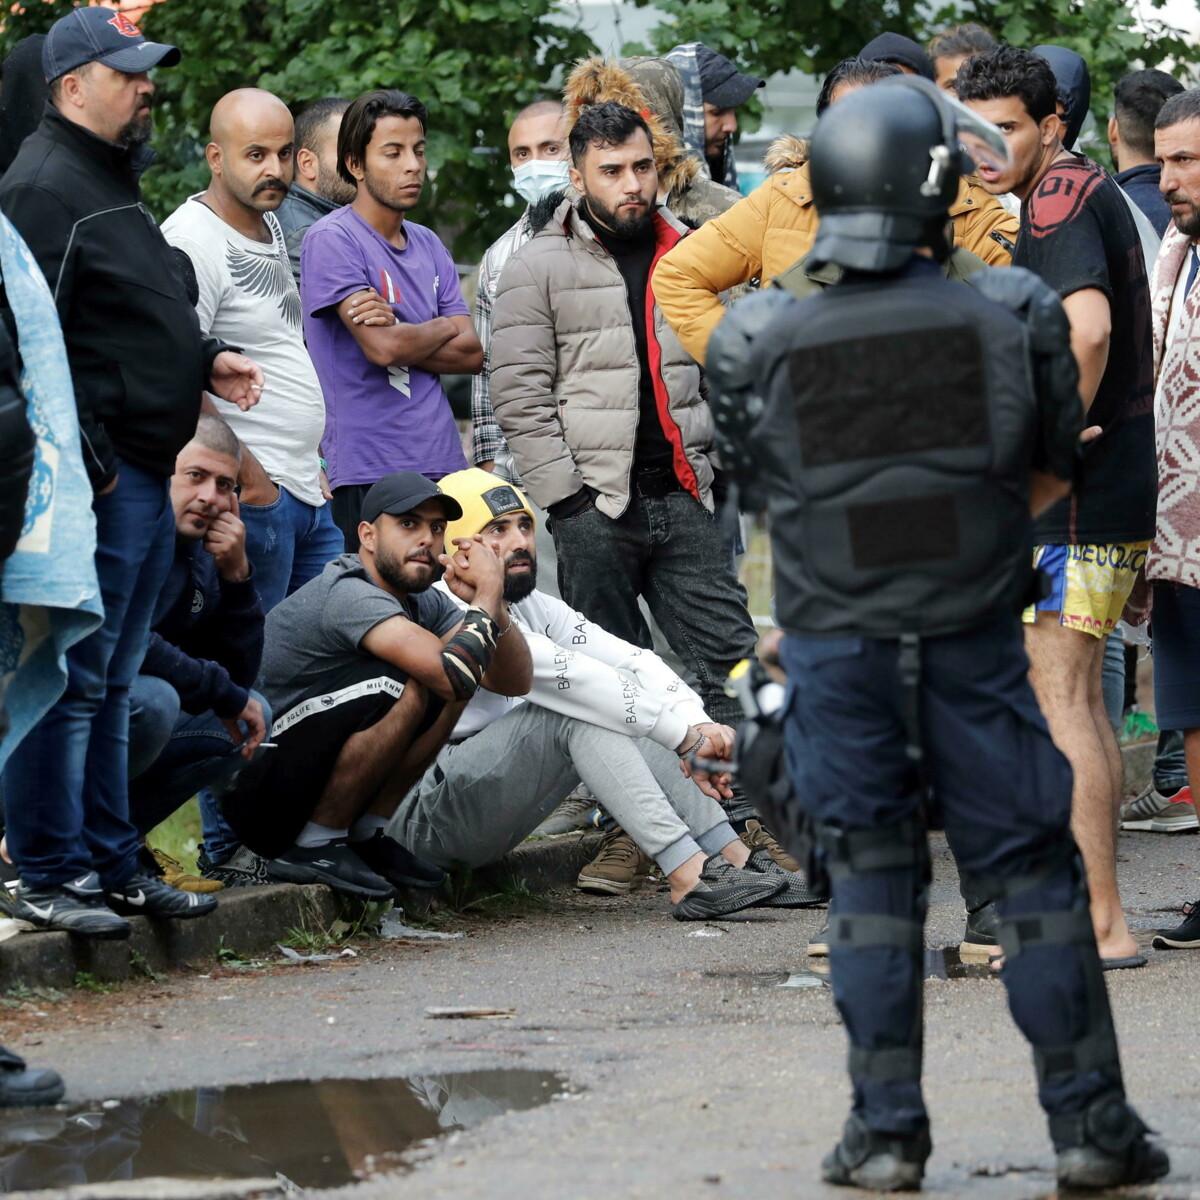 Allarme a Berlino: i nostri confini presto travolti dai migranti in arrivo dalla Bielorussia